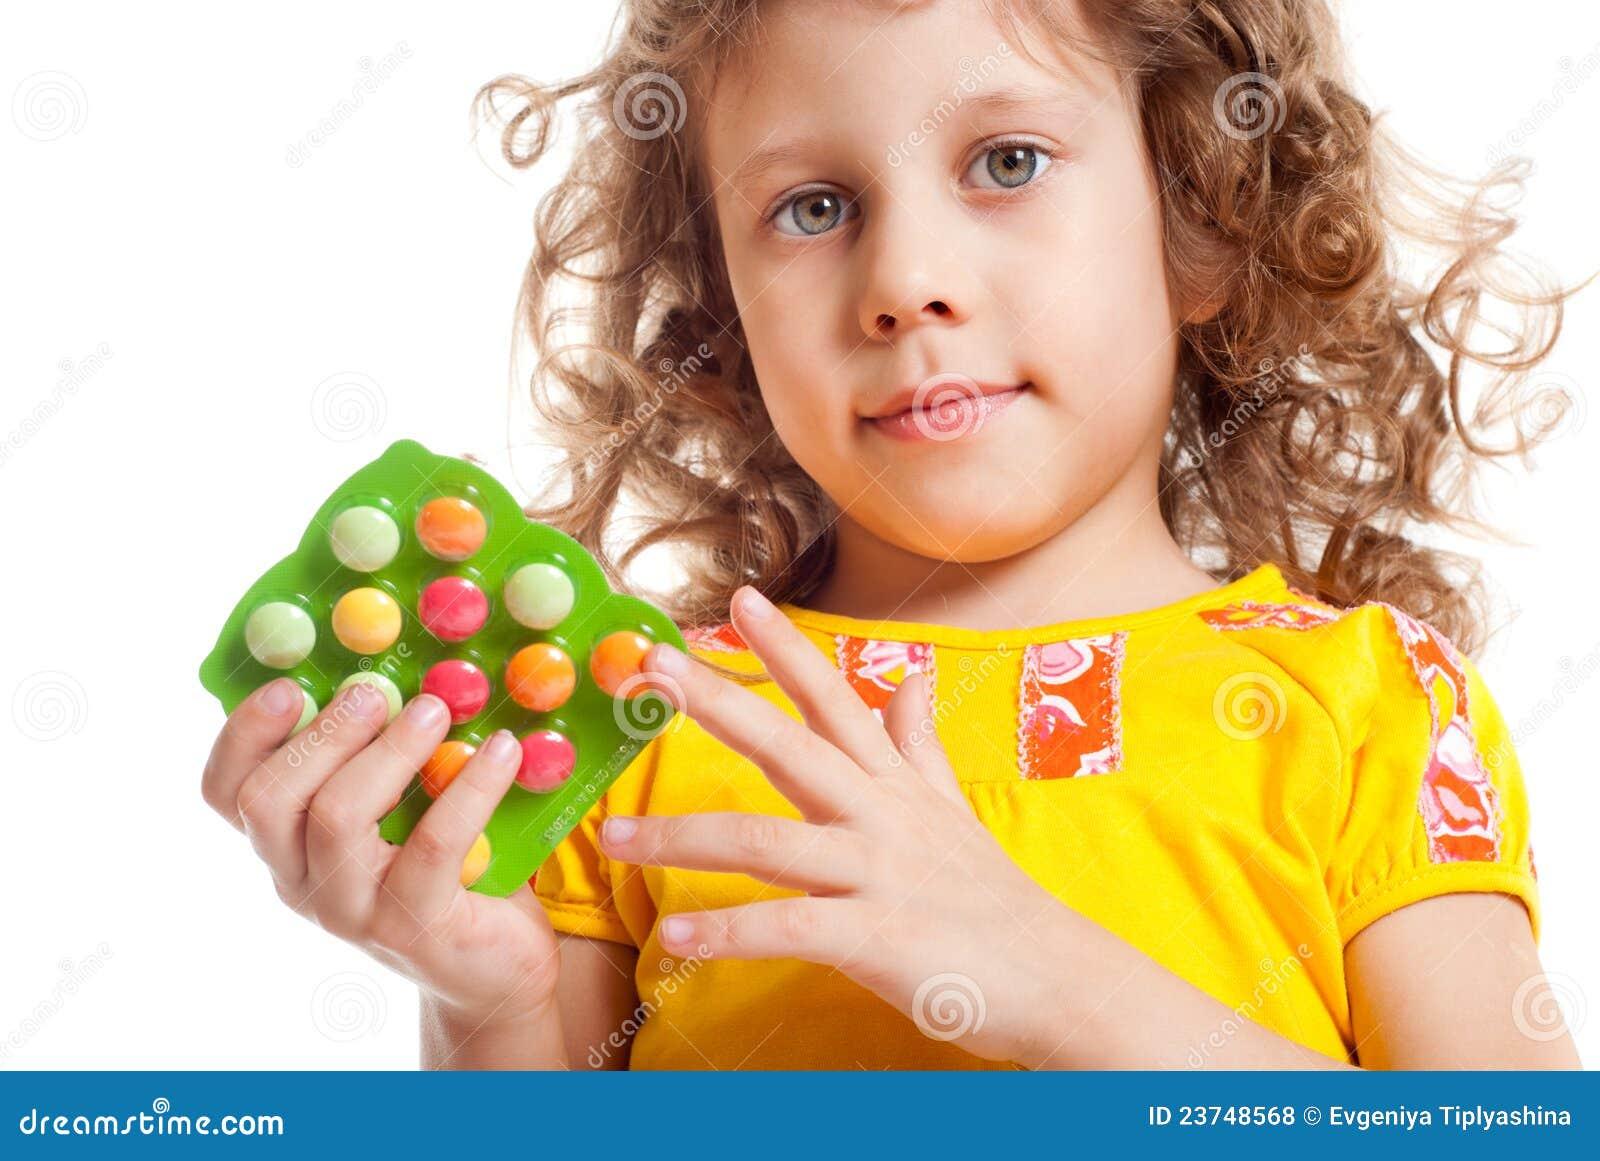 La ragazza mantiene le vitamine